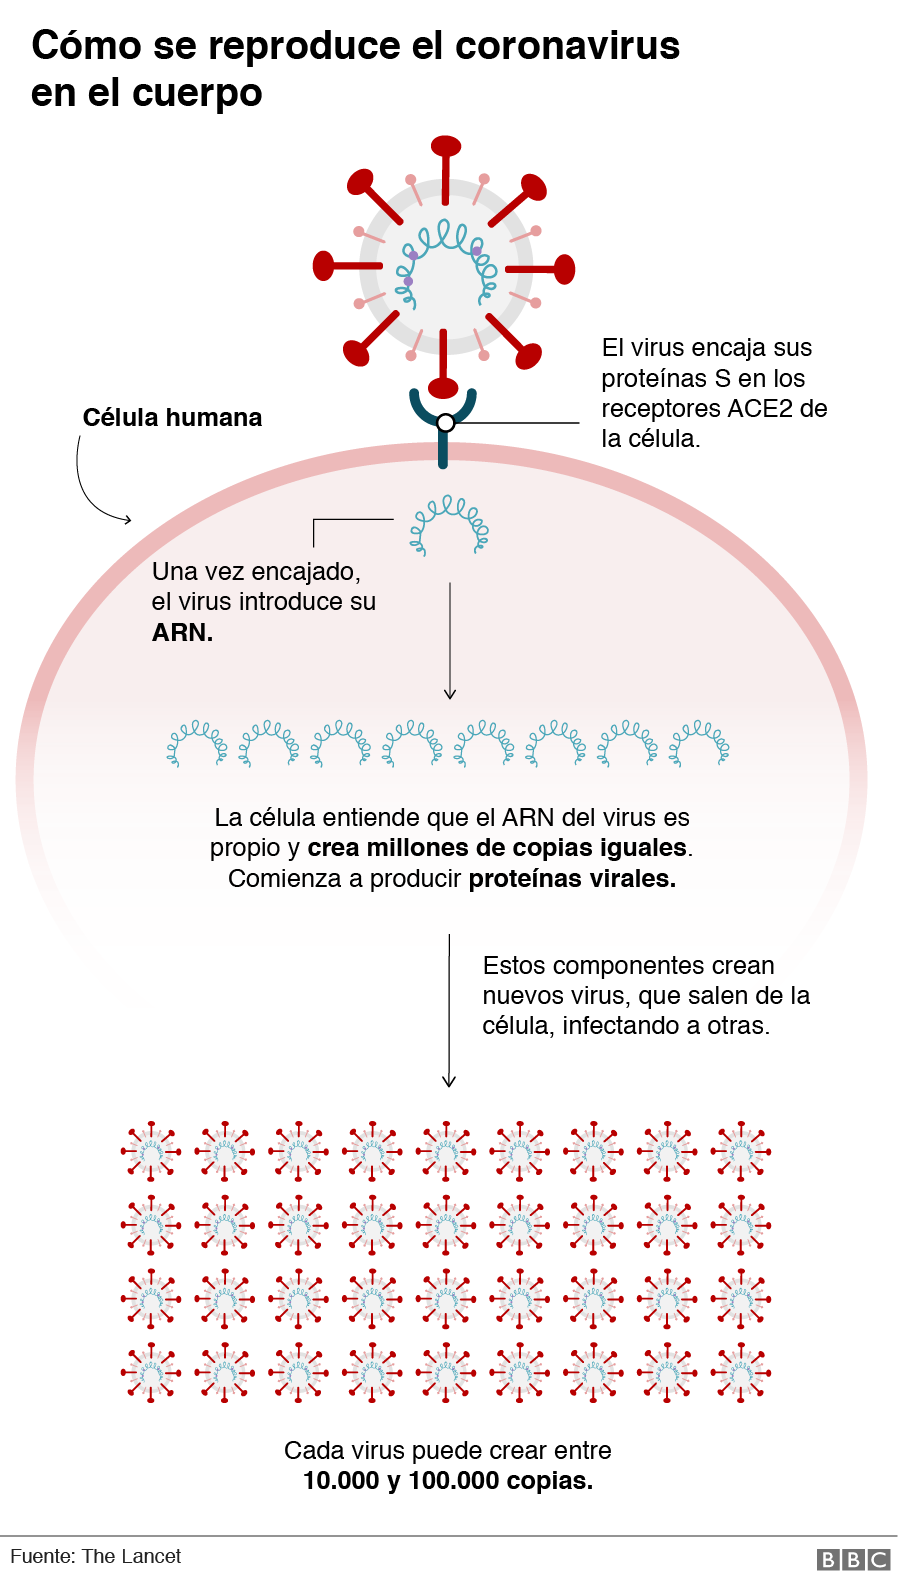 Gráfico de cómo se reproduce el coronavirus en el cuerpo